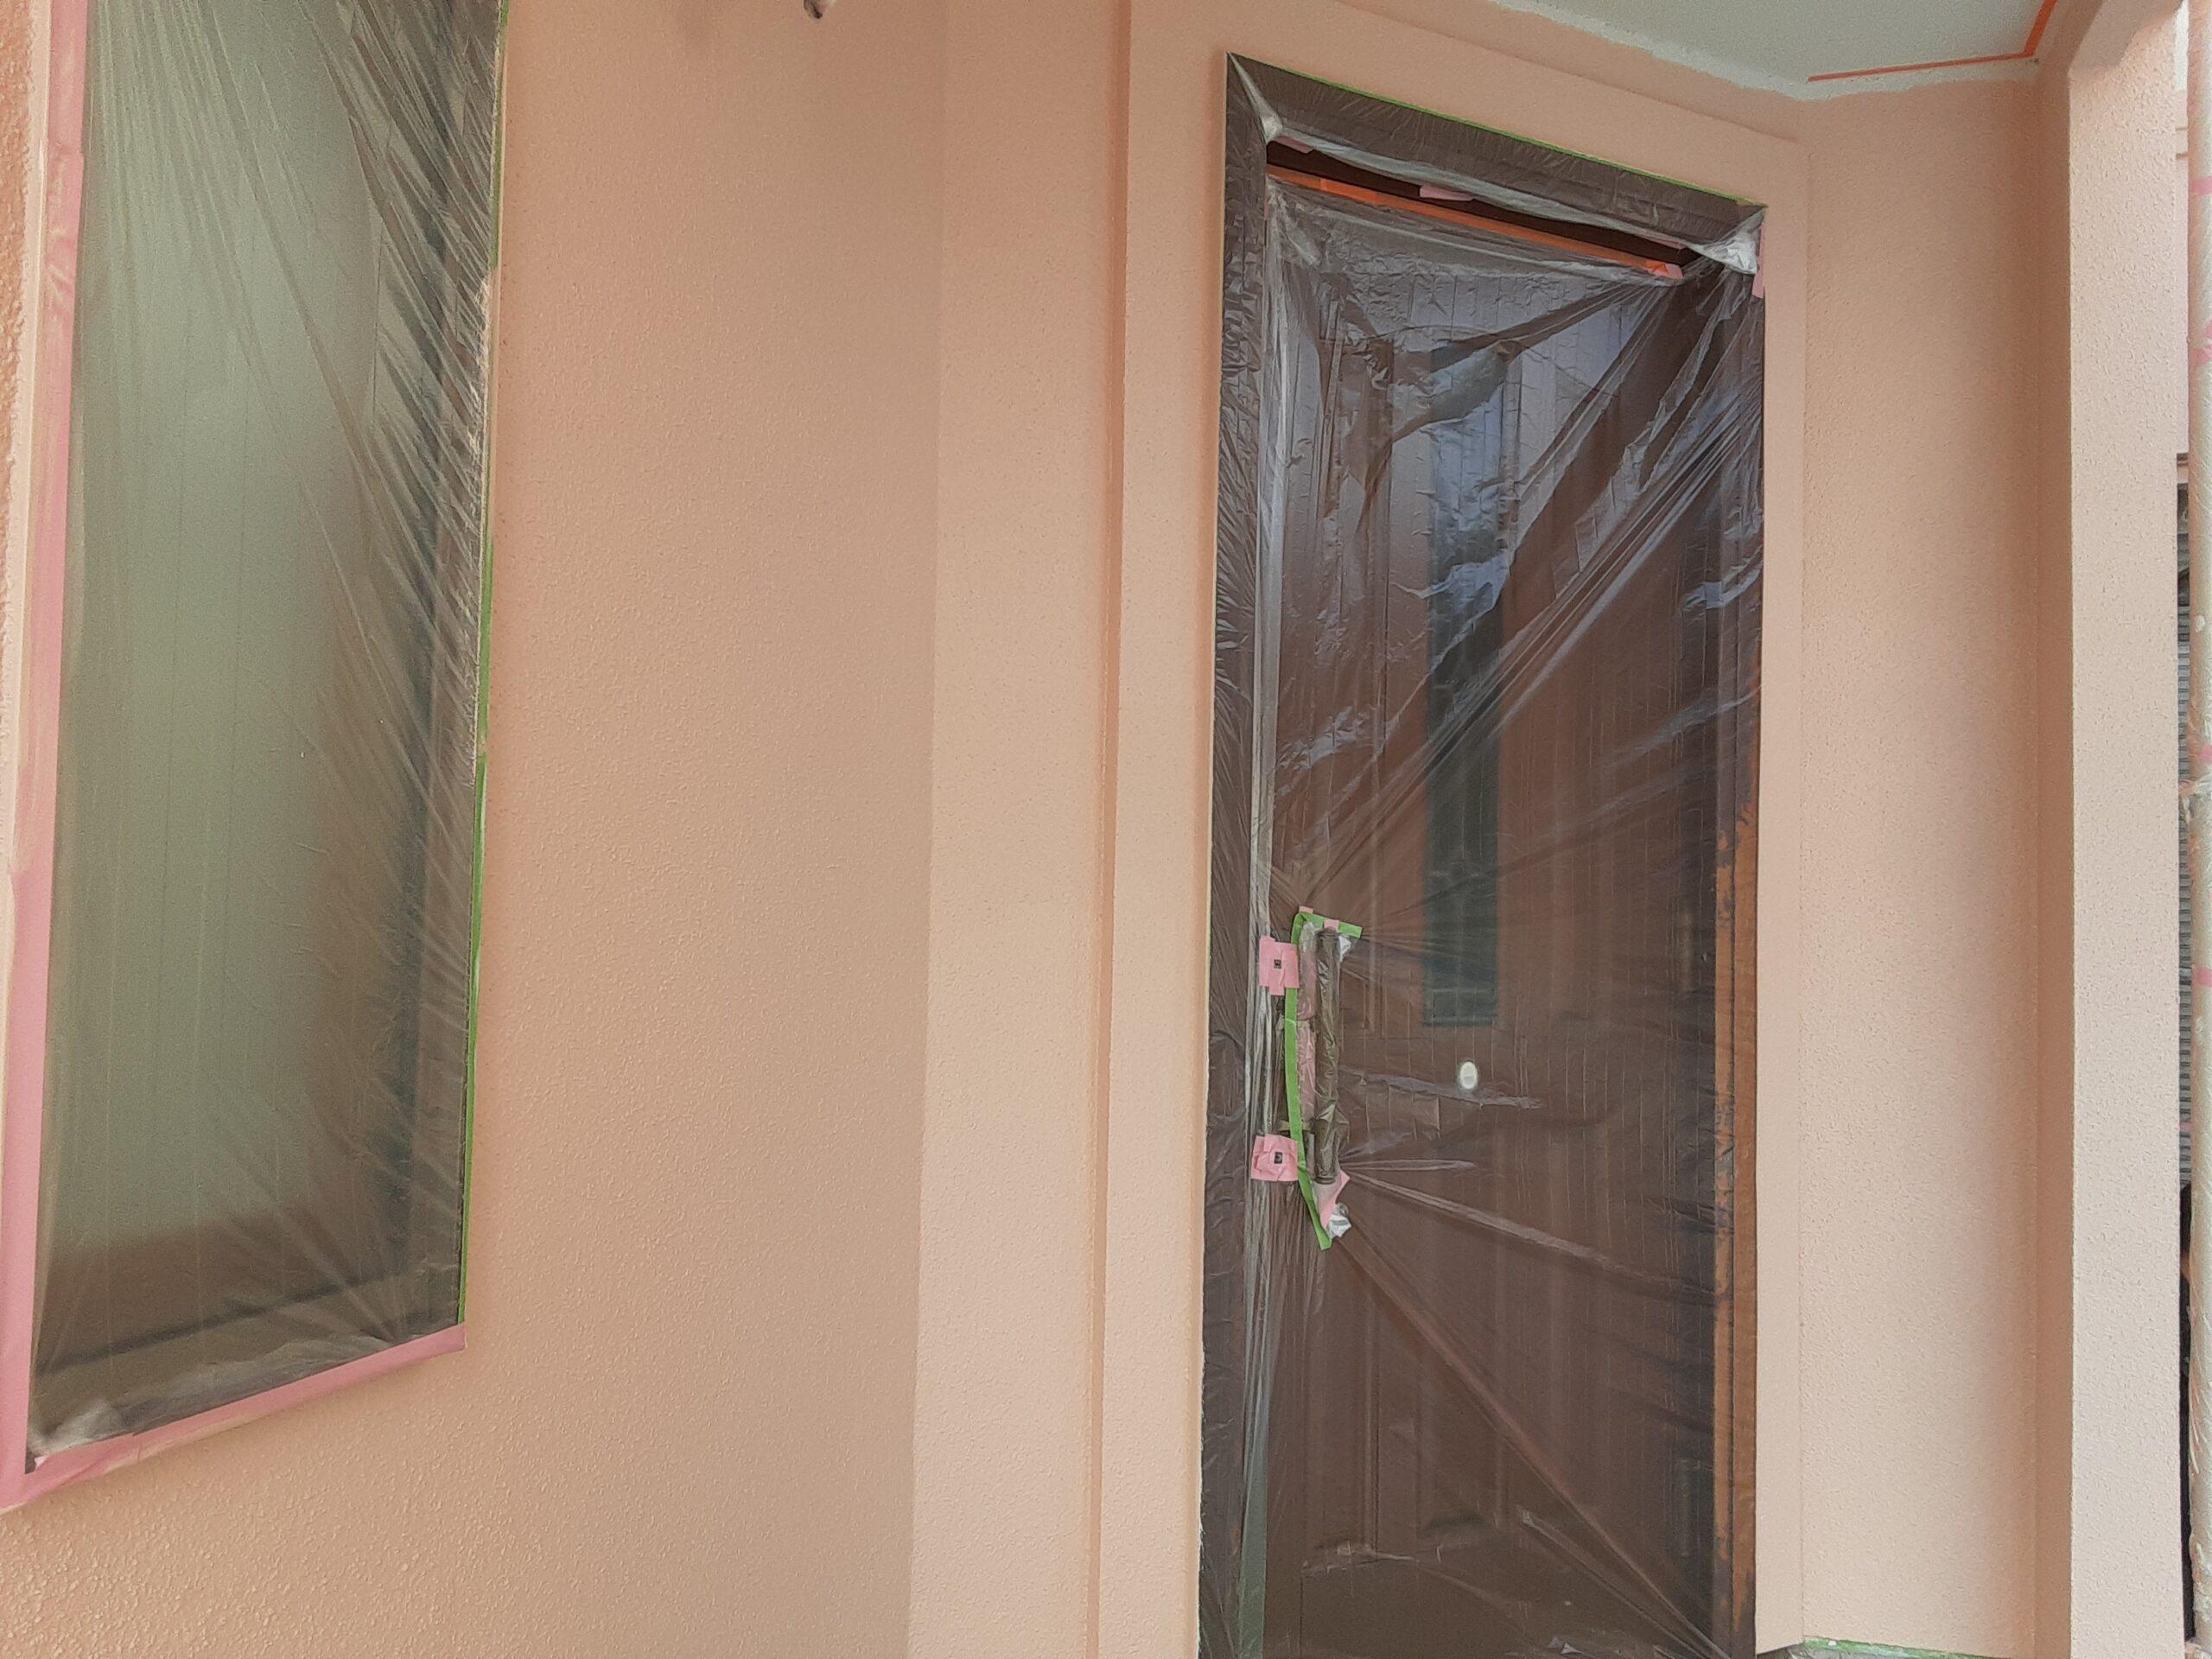 外壁仕上げ塗装/さいたま市大宮区の(木造2階建て)W様邸にて塗り替えリホーム中